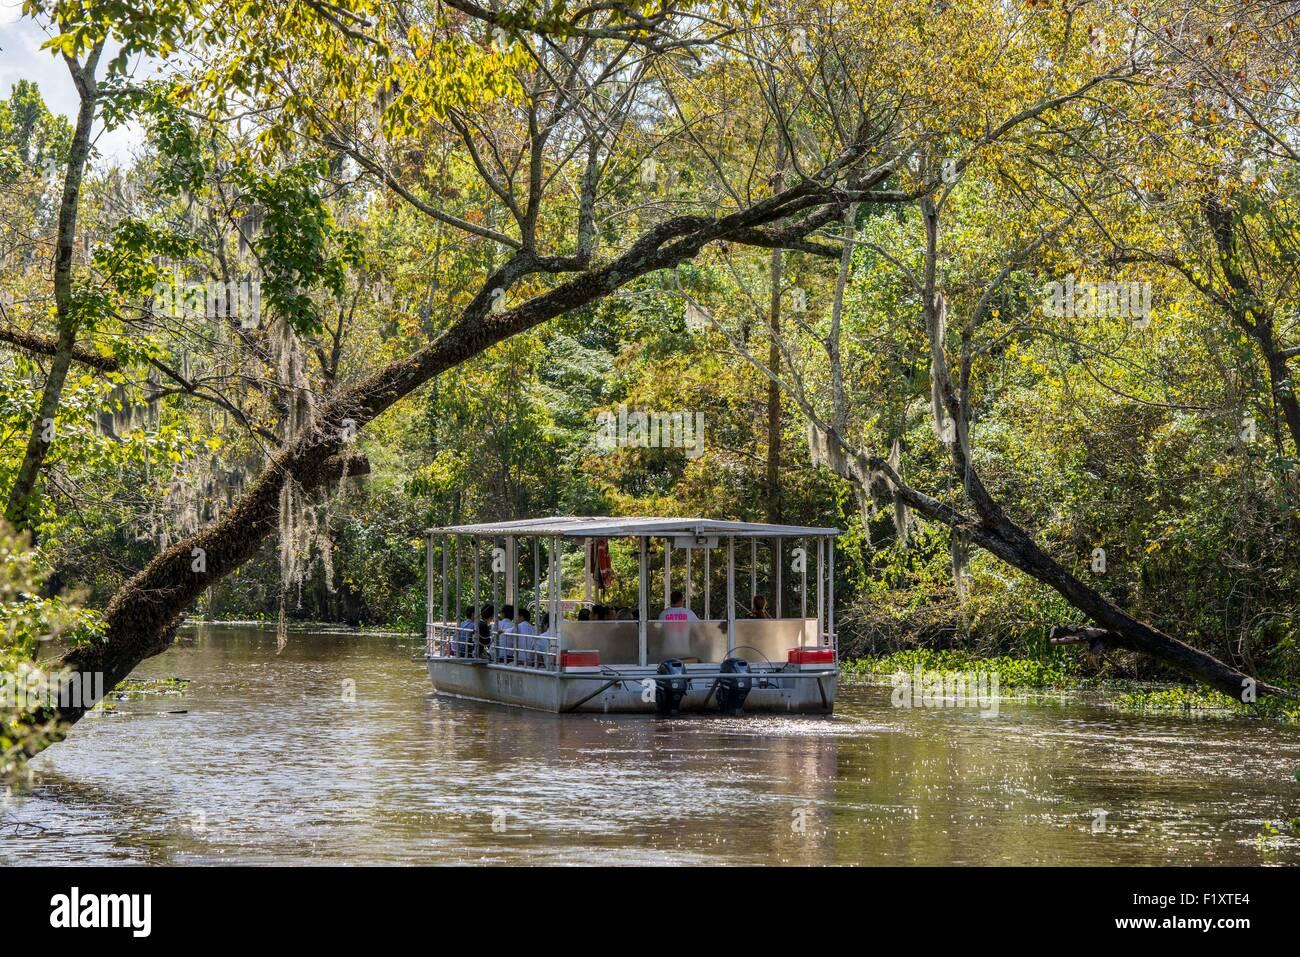 Estados Unidos, Louisiana, la Place de fondo plano barco para visitar los pantanos de pantano Manchac Imagen De Stock